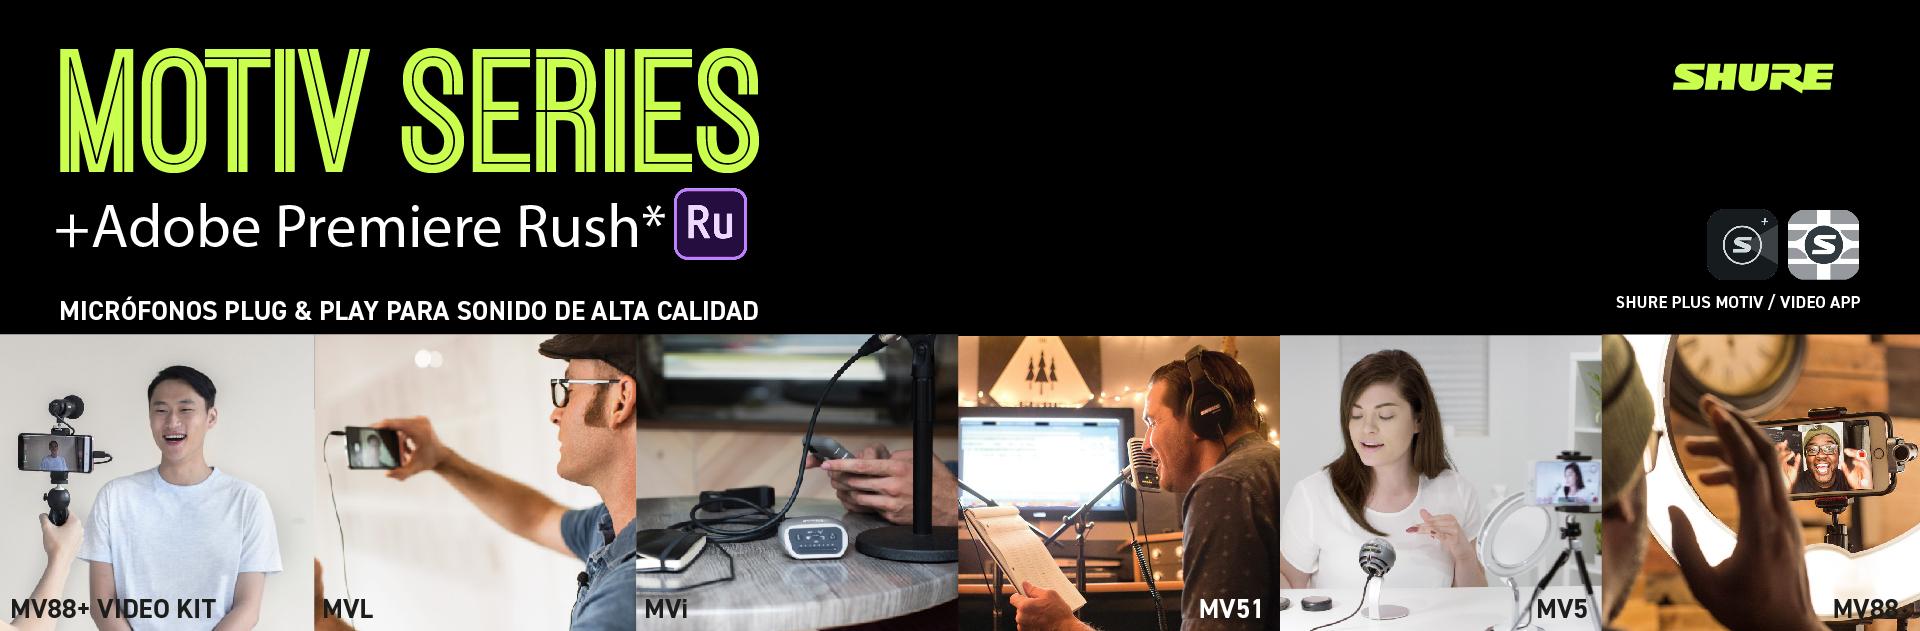 micrófonos SHURE MOTIV + Adobe Premiere Rush